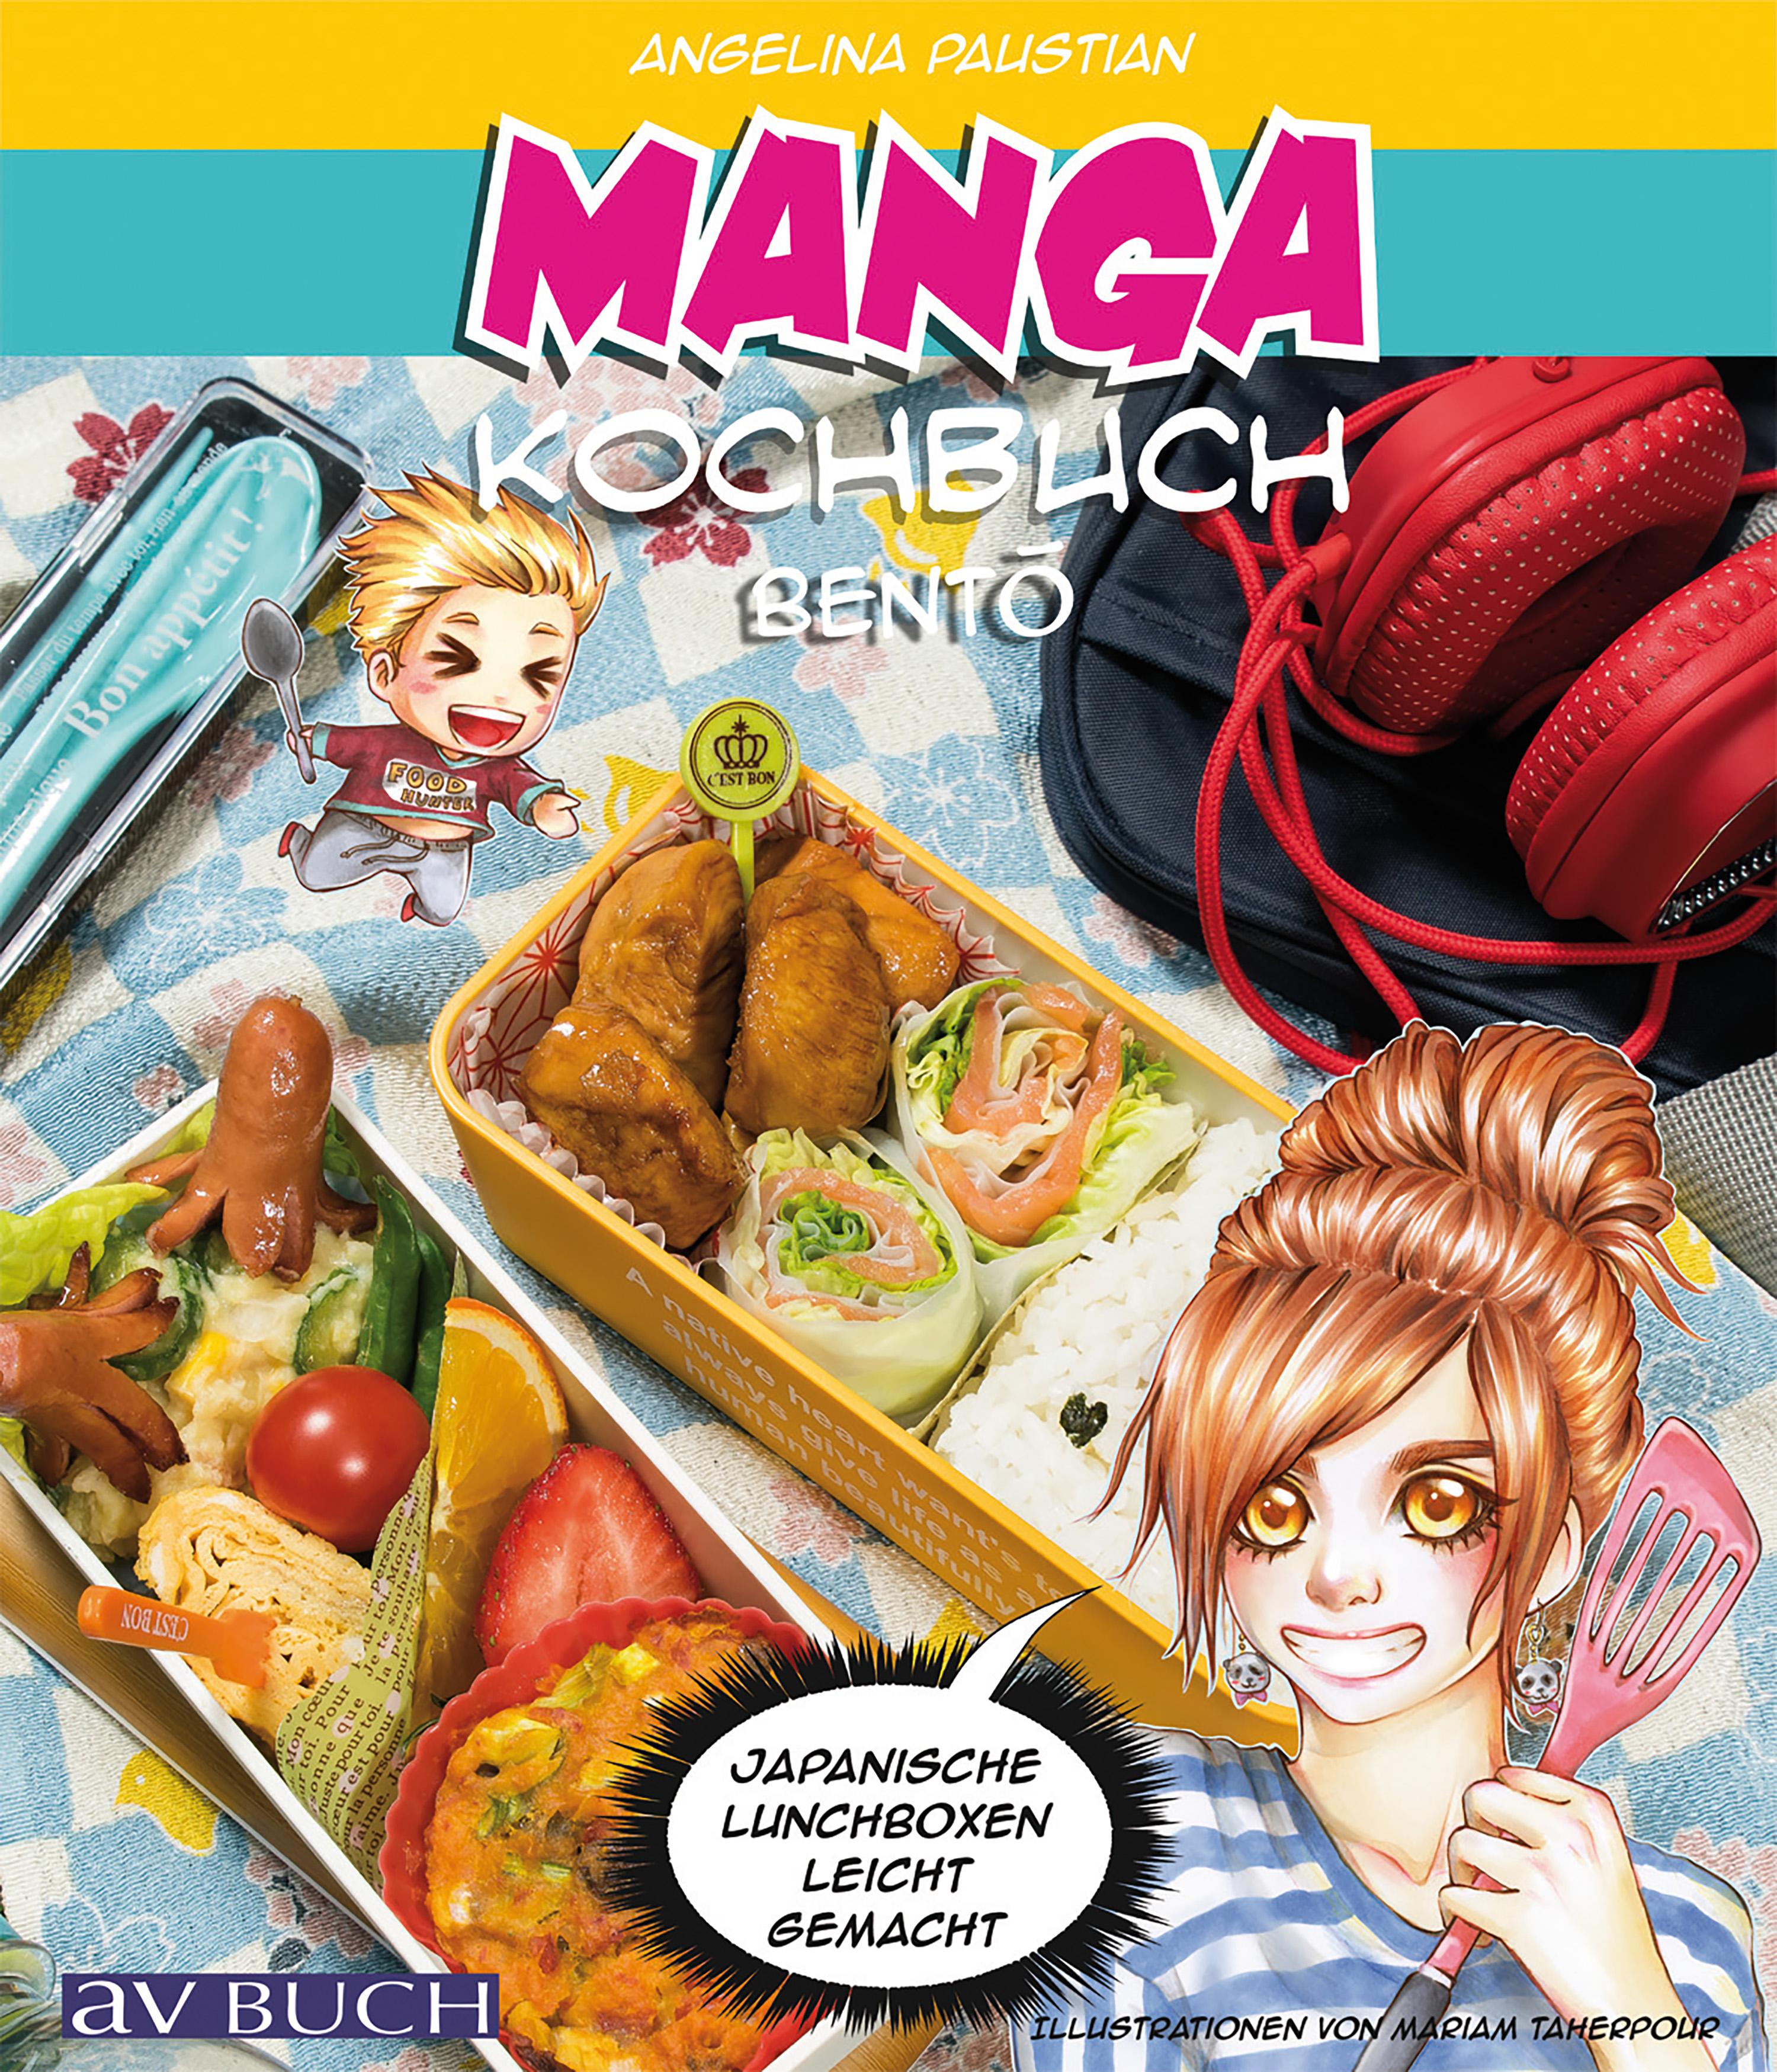 Angelina Paustian Manga Kochbuch Bento